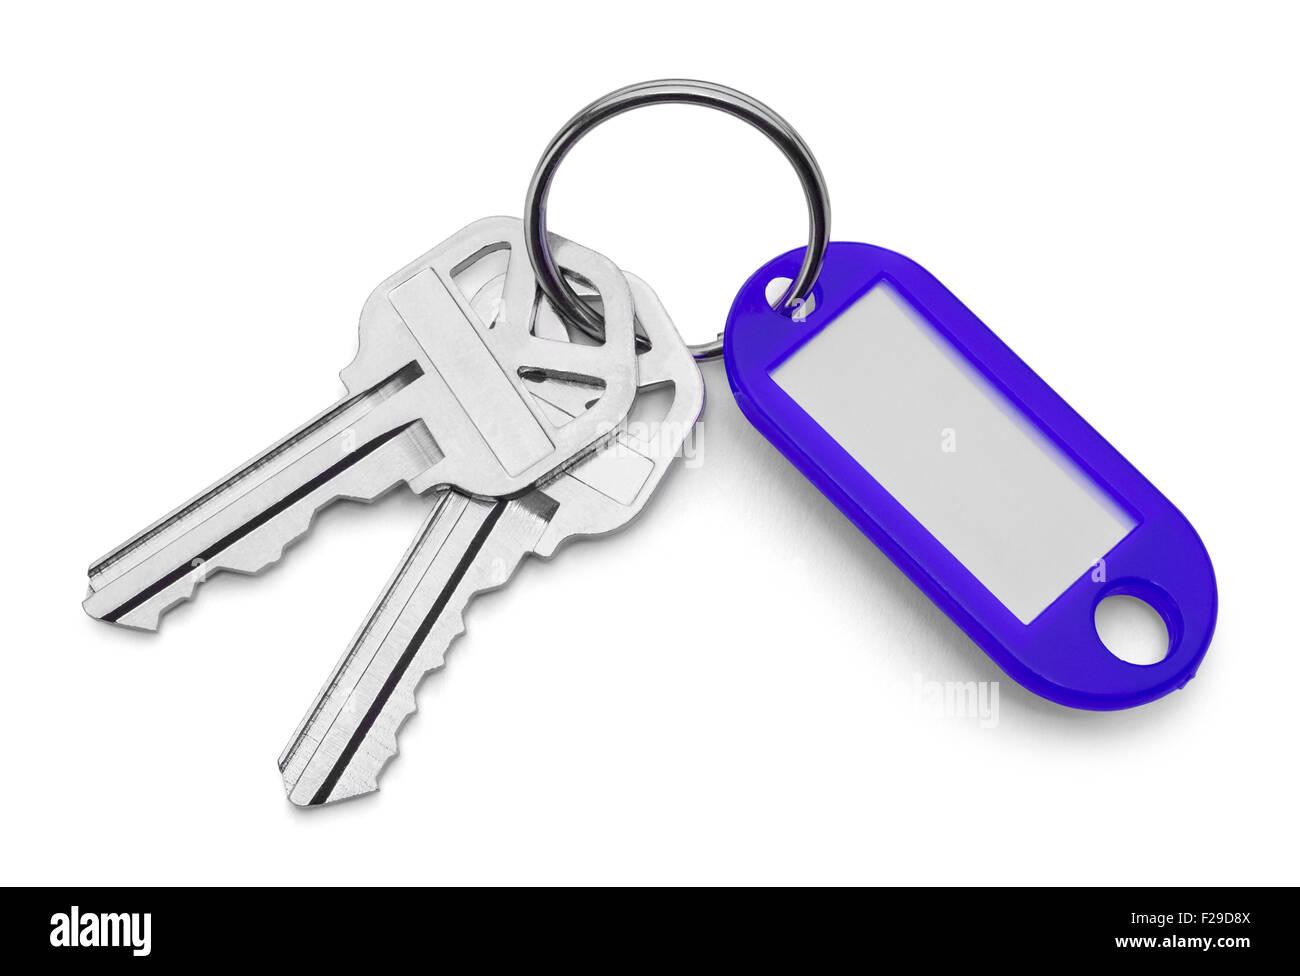 La chaîne Blue Key Tag et clés isolé sur fond blanc. Banque D'Images